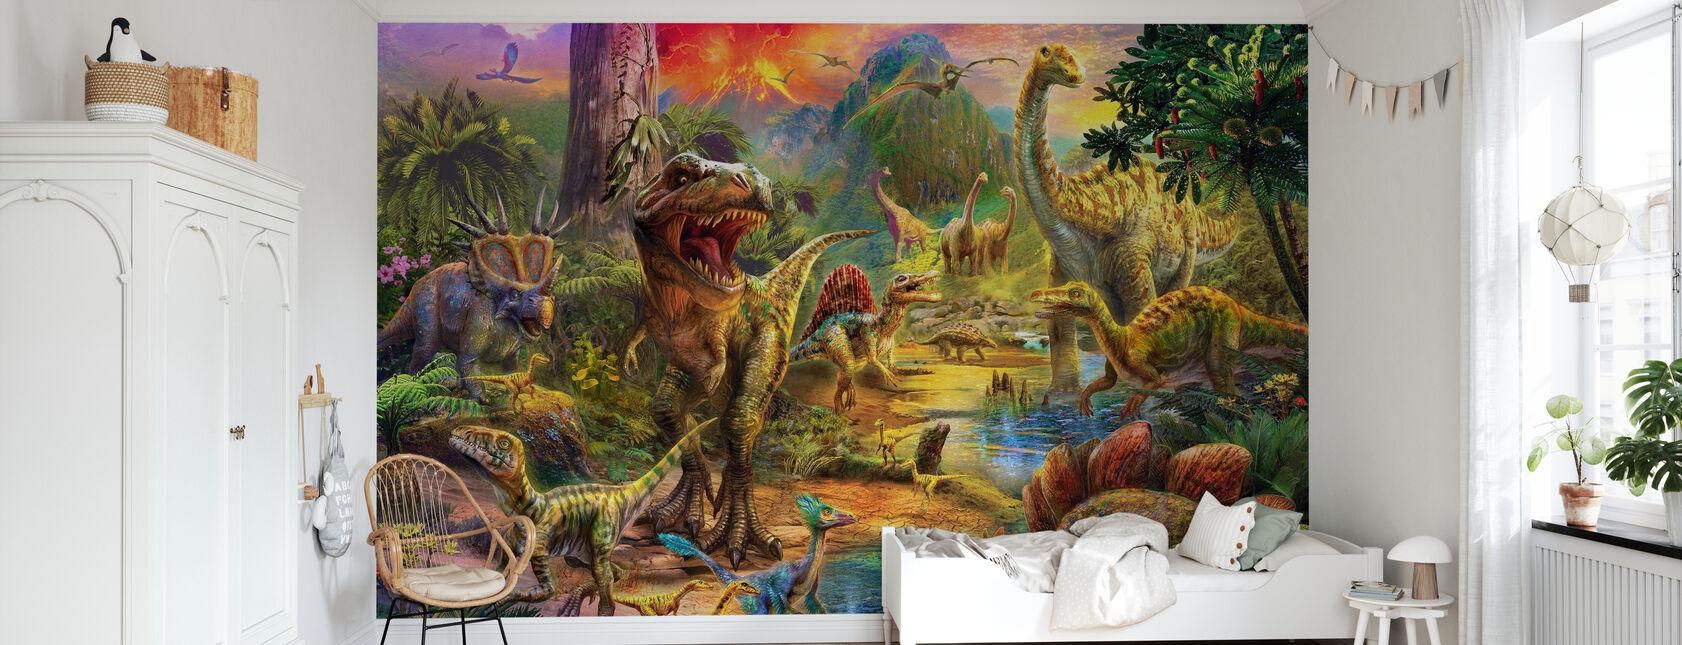 Landskap av dinosaurier - Tapet - Barnrum